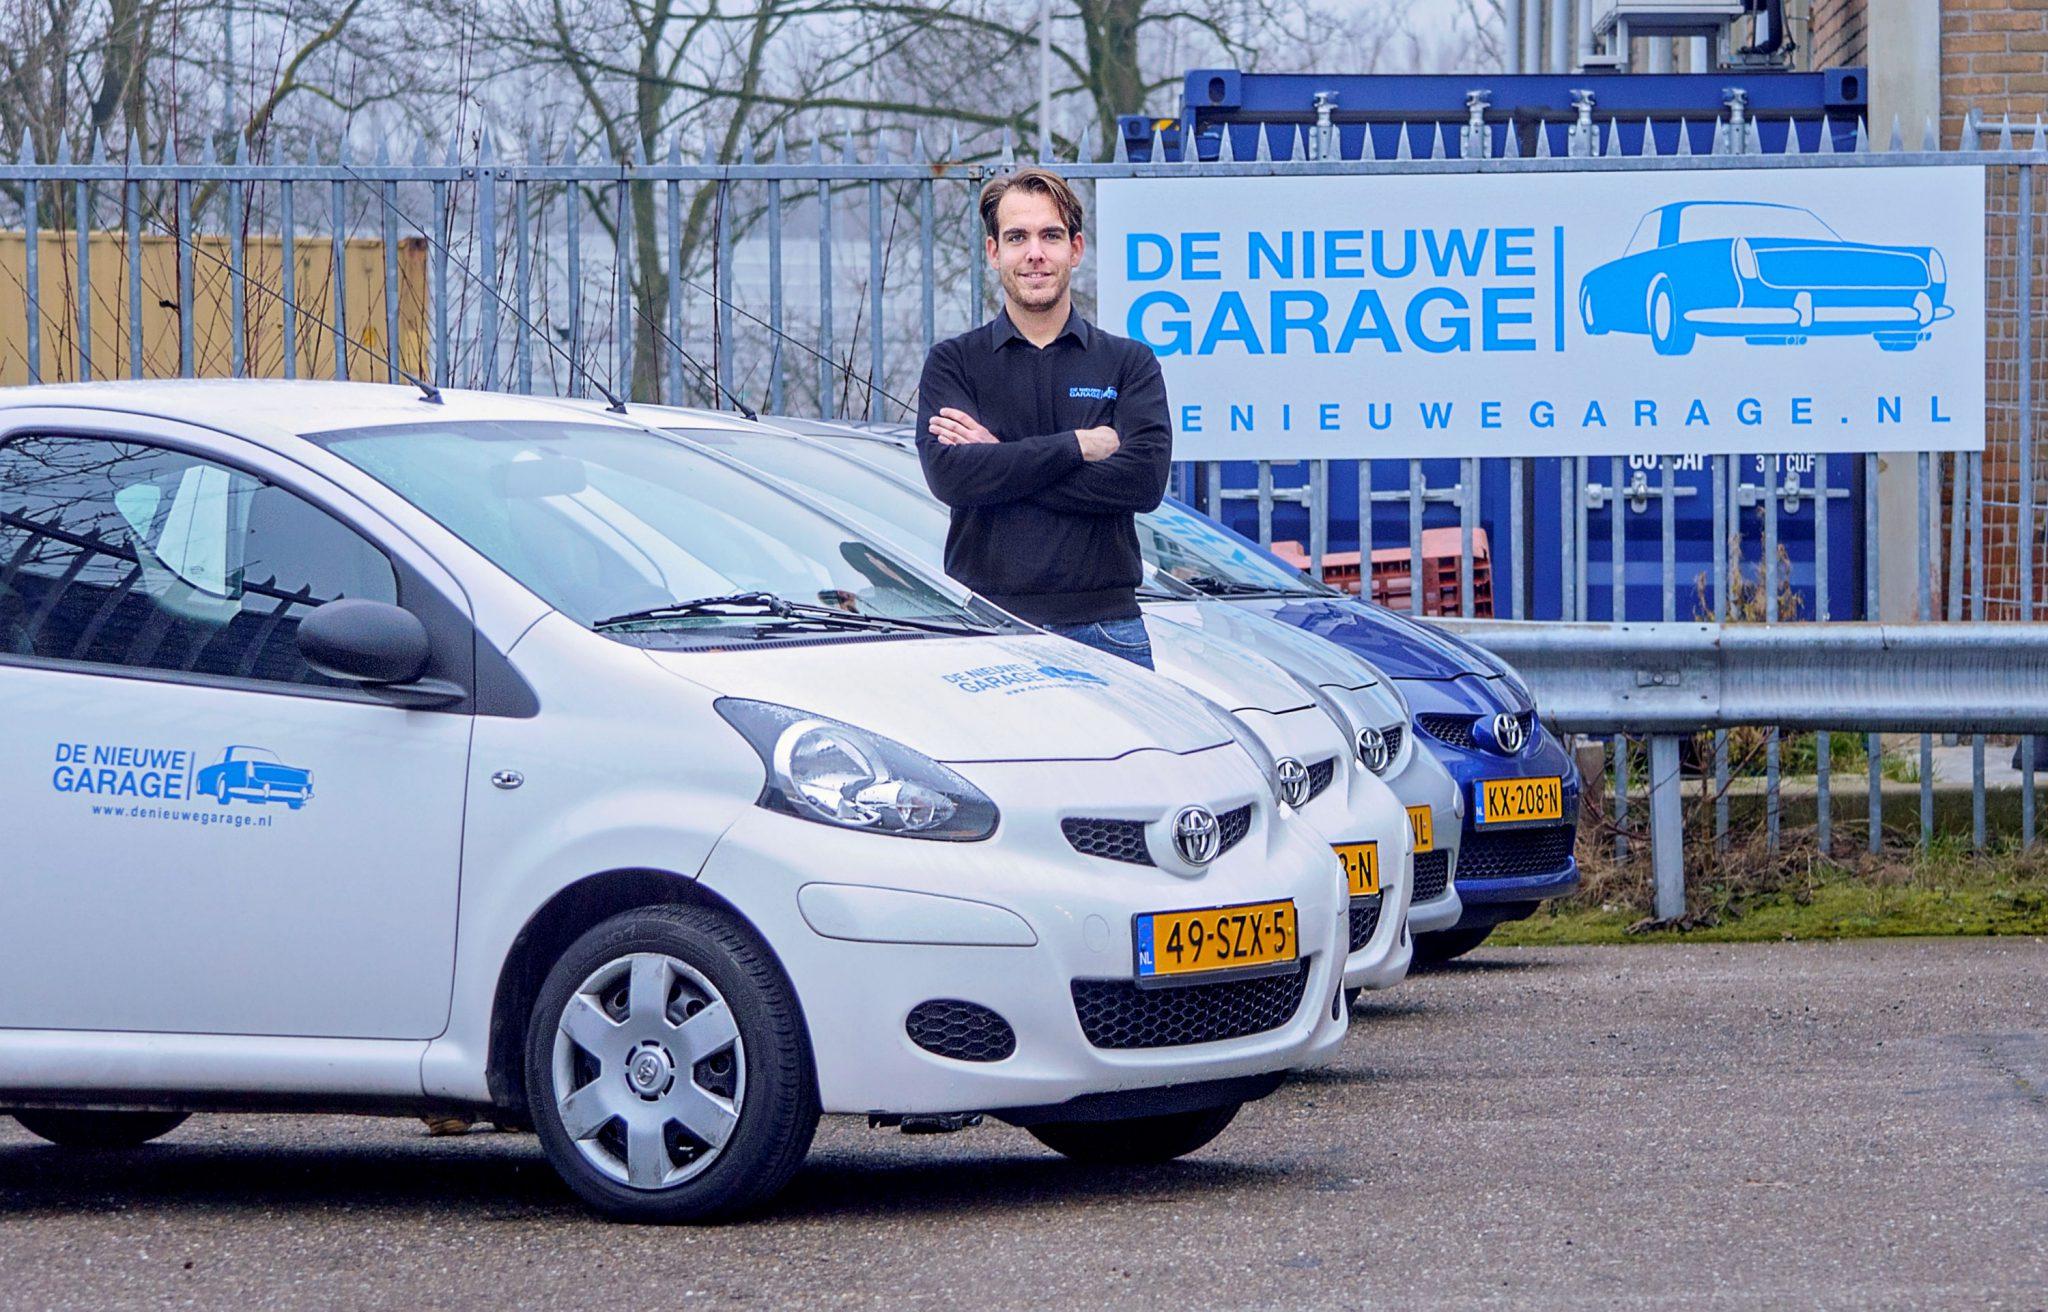 De-nieuwe-garage-APK-Zoeterwoude-Fabian-Bokern